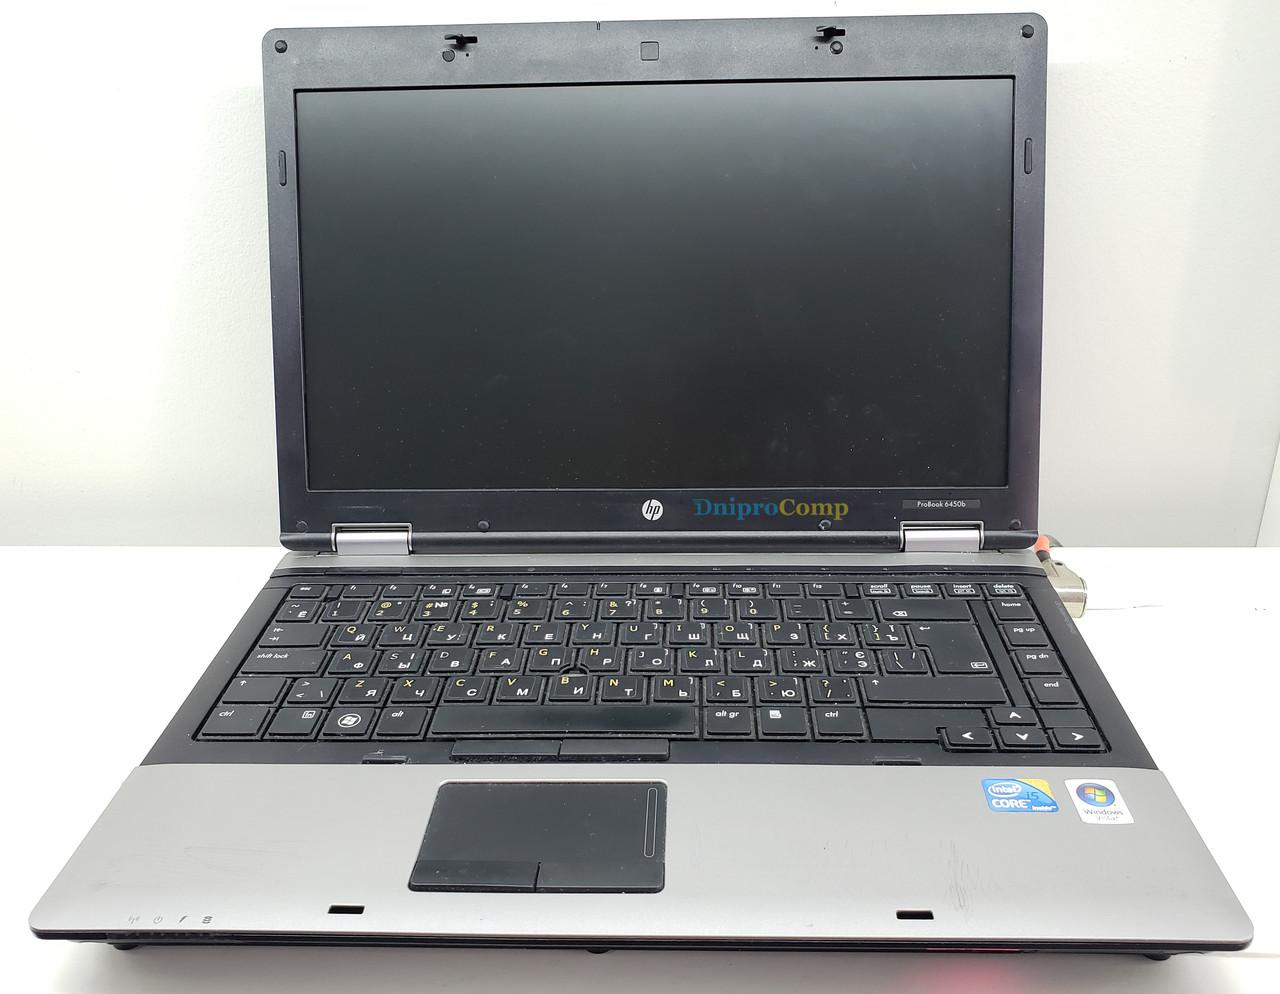 Ноутбук HP 6450b i5-520M/4/320 - Class A--